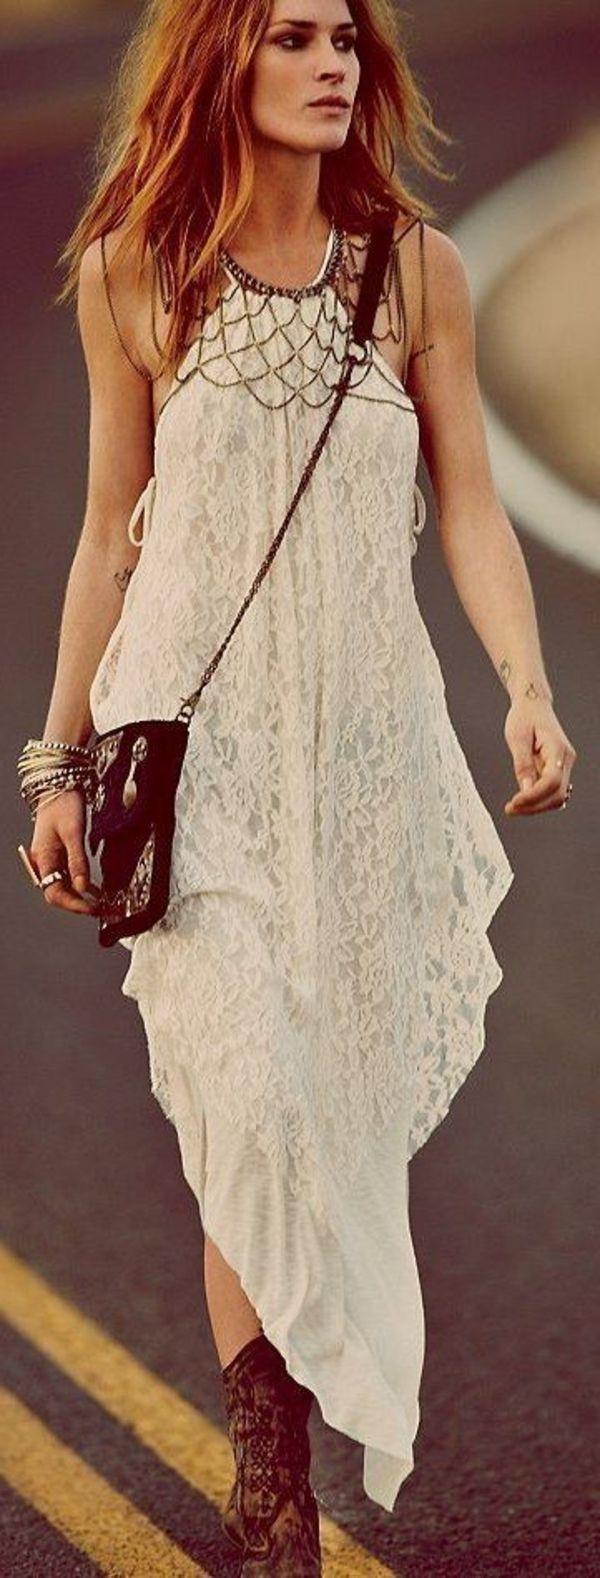 robe hippie chic, une silhouette originale